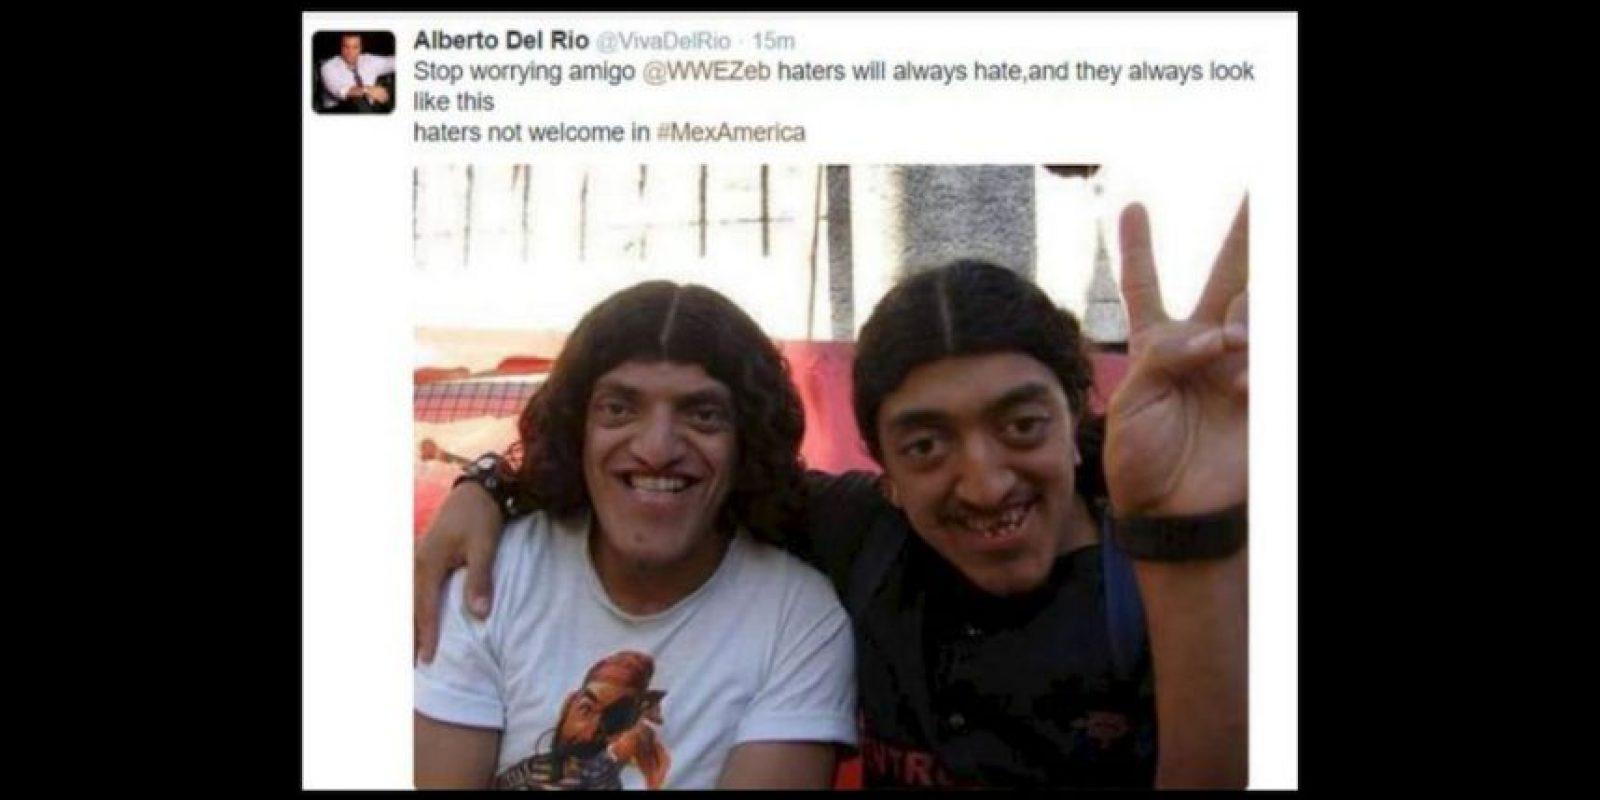 Pero Del Río posteó esta imagen, lo que ocasionó indignación en los internautas Foto:Twitter